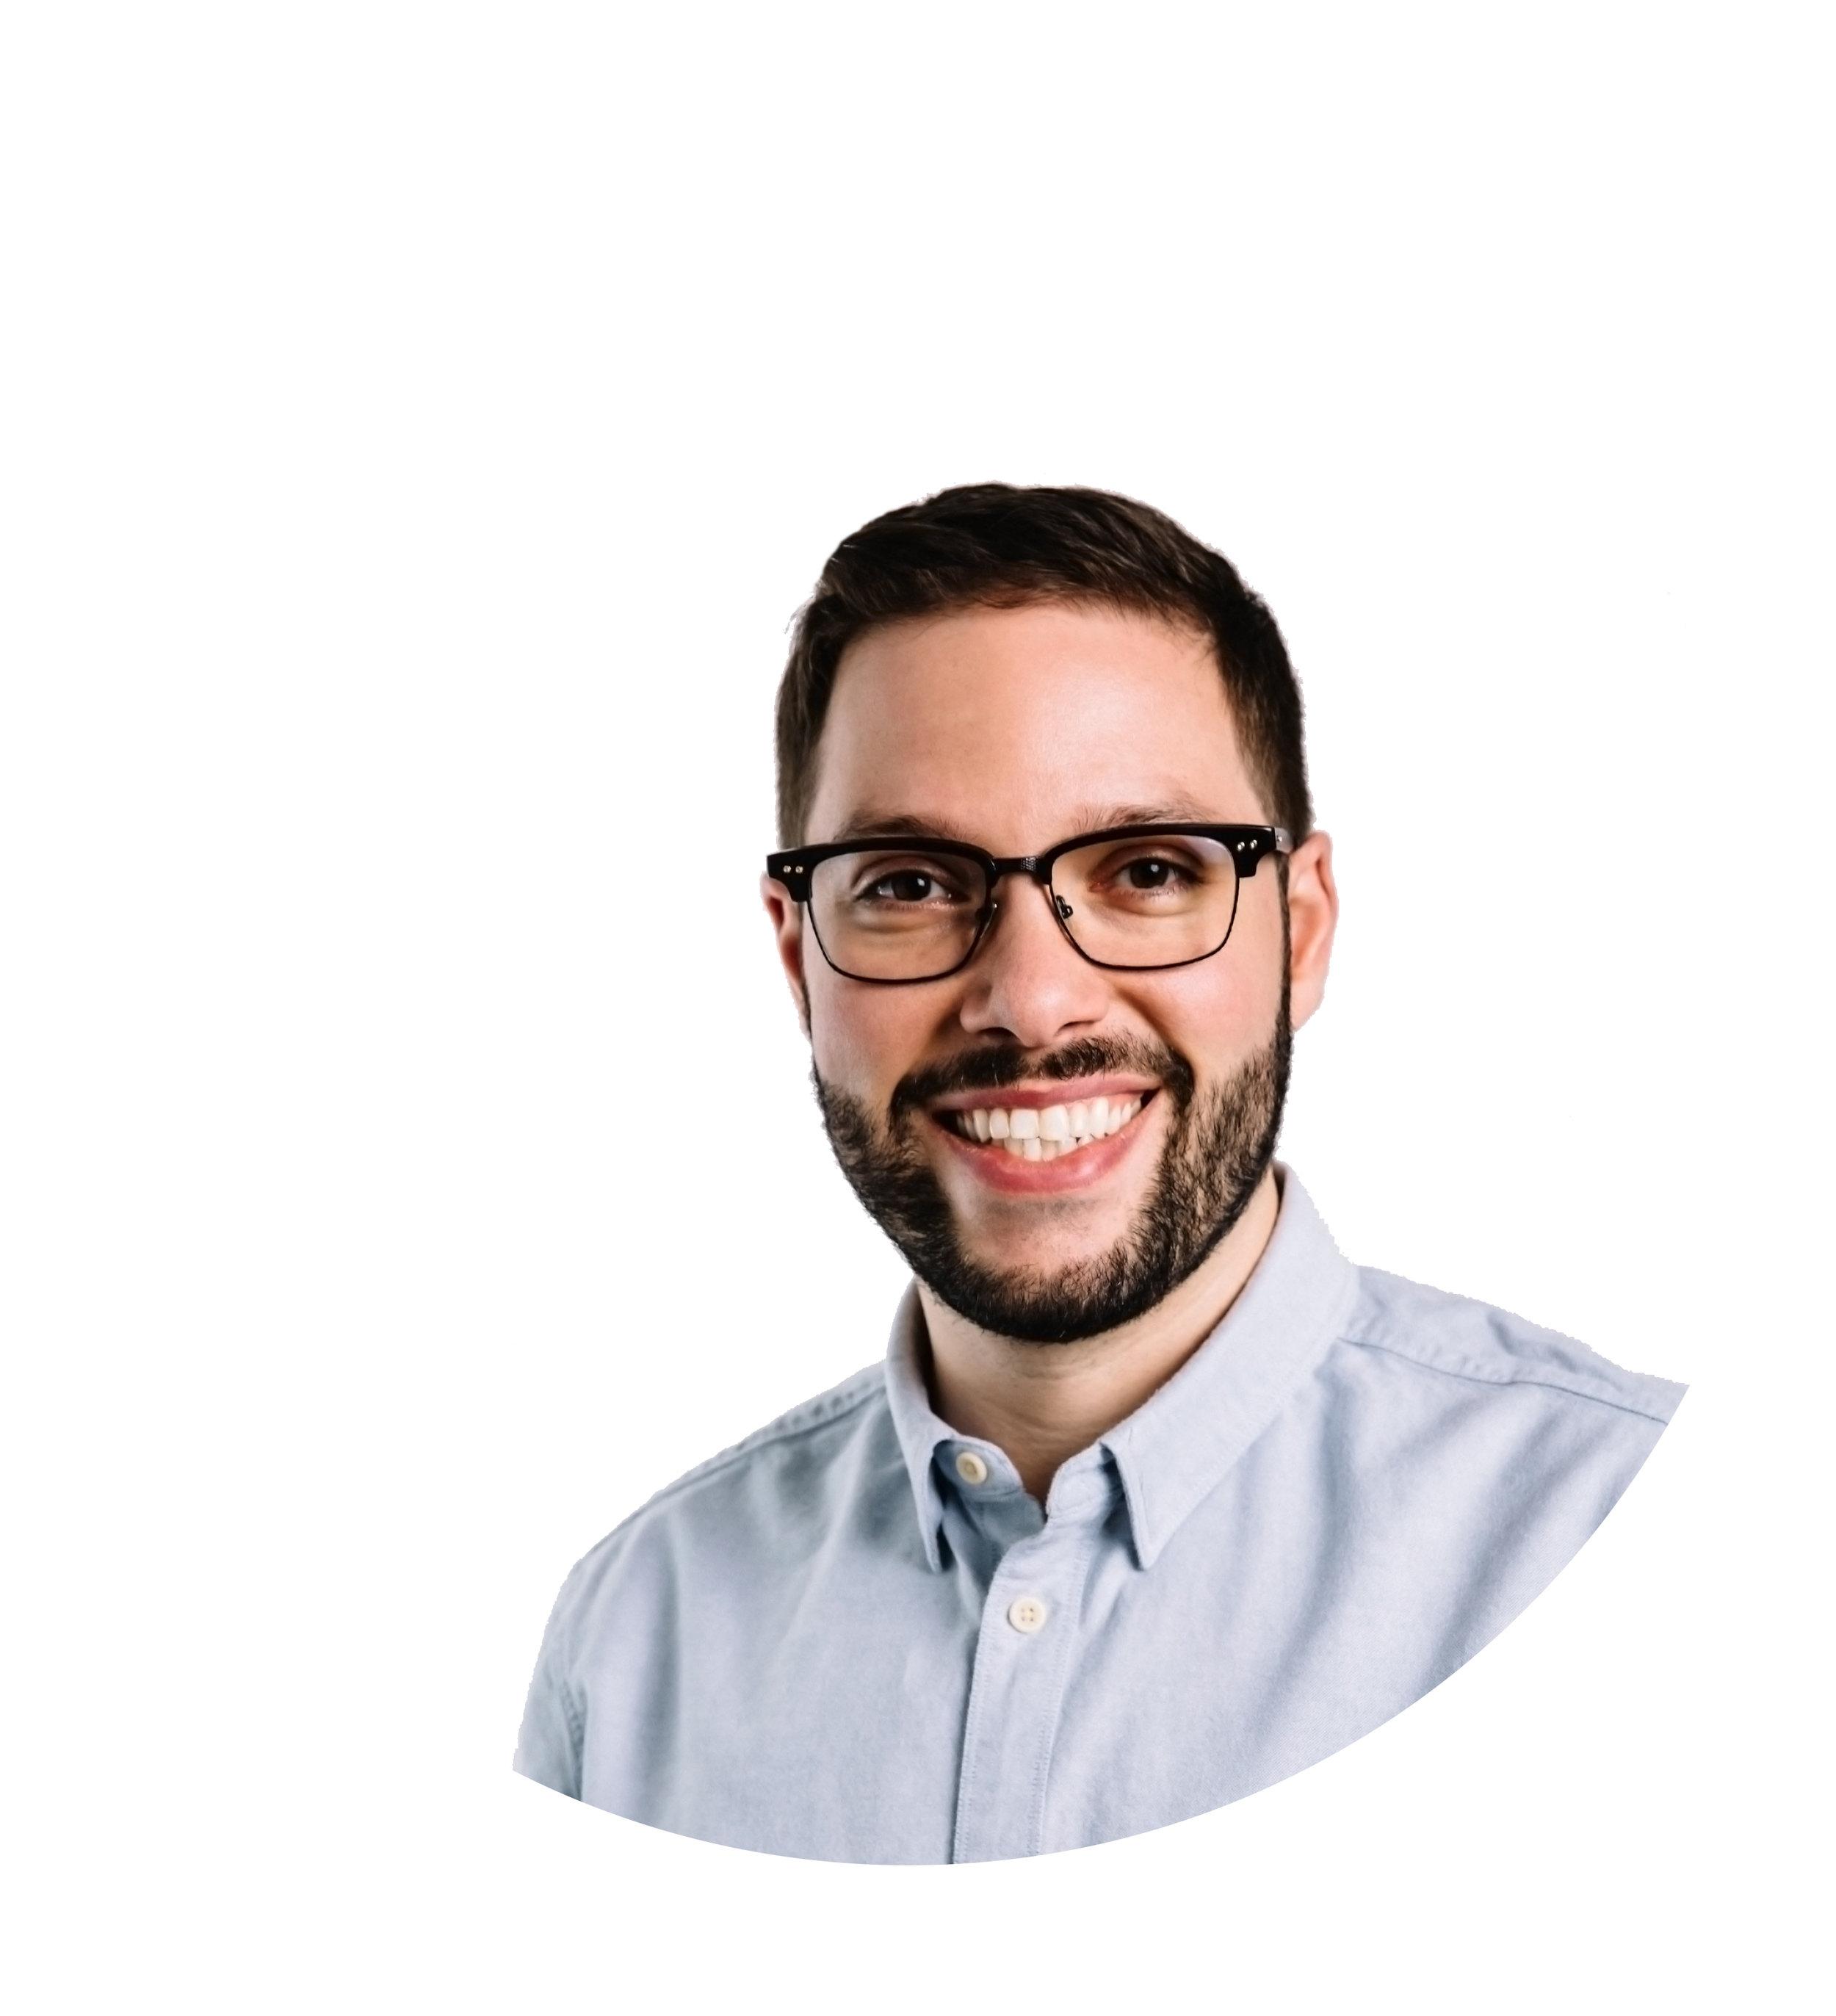 Daniel Moneta - | Co-Founder, CMO, & EVP Corporate Development